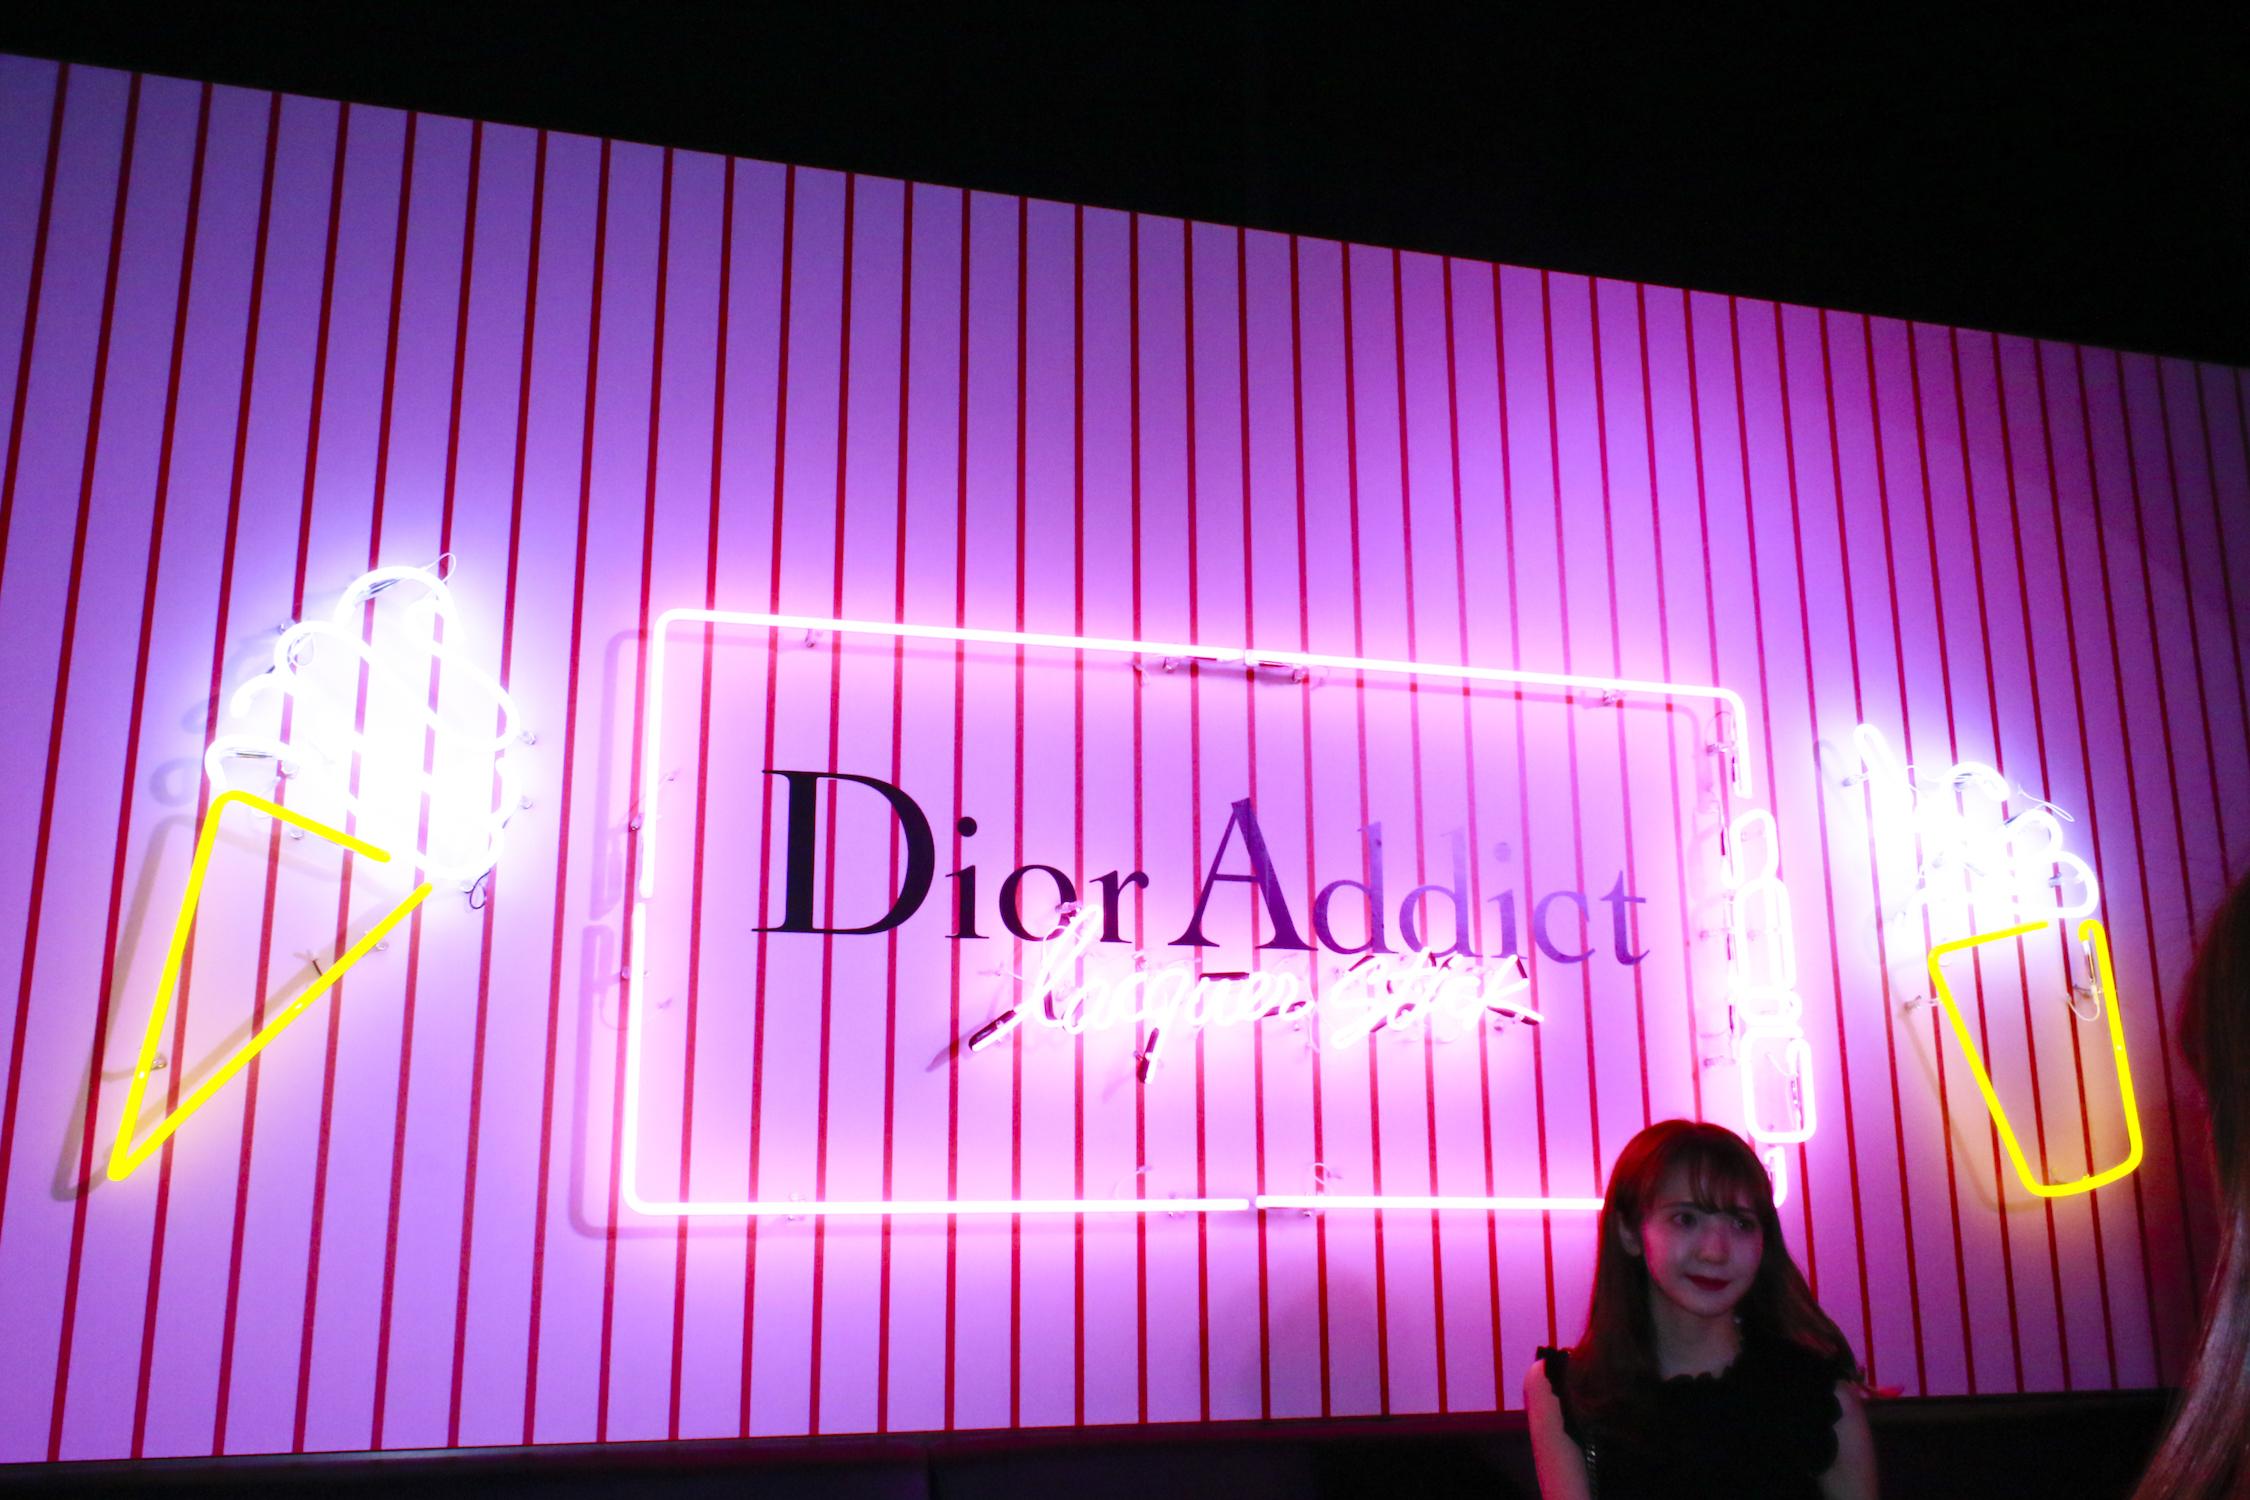 Dior Addict_170309_6